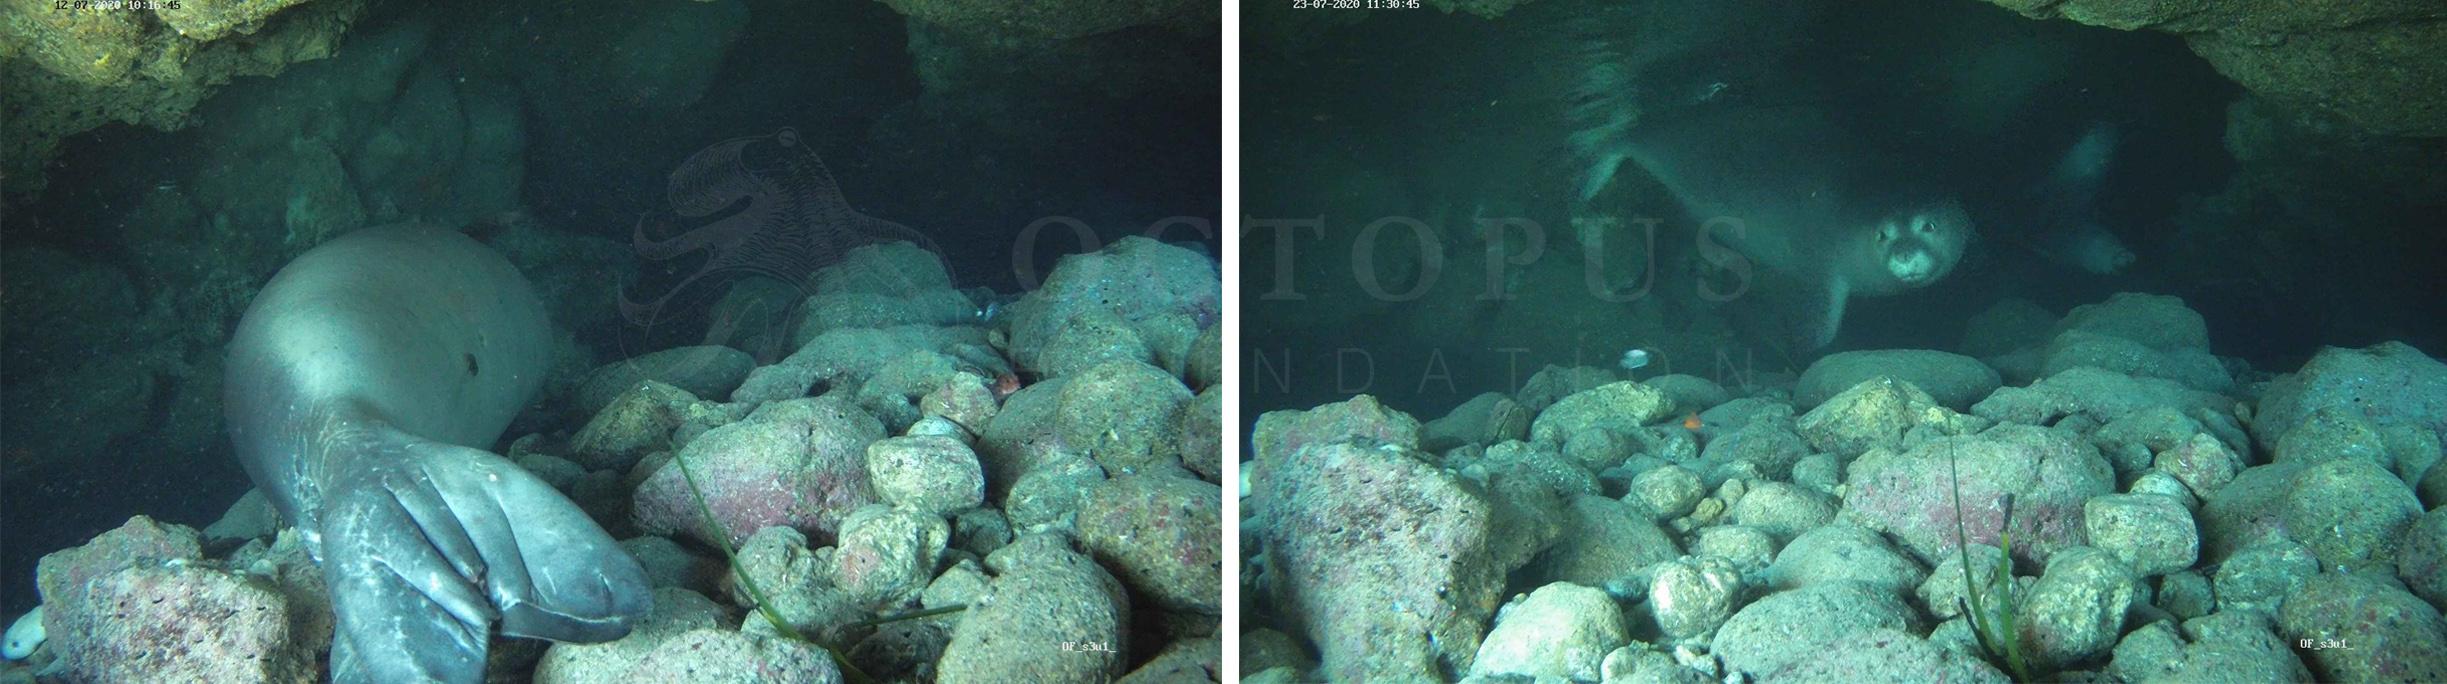 Quelques jours après l'installation de la caméra sous-marine, ces images étaient automatiquement transmises sur nos serveurs © Fondation Octopus